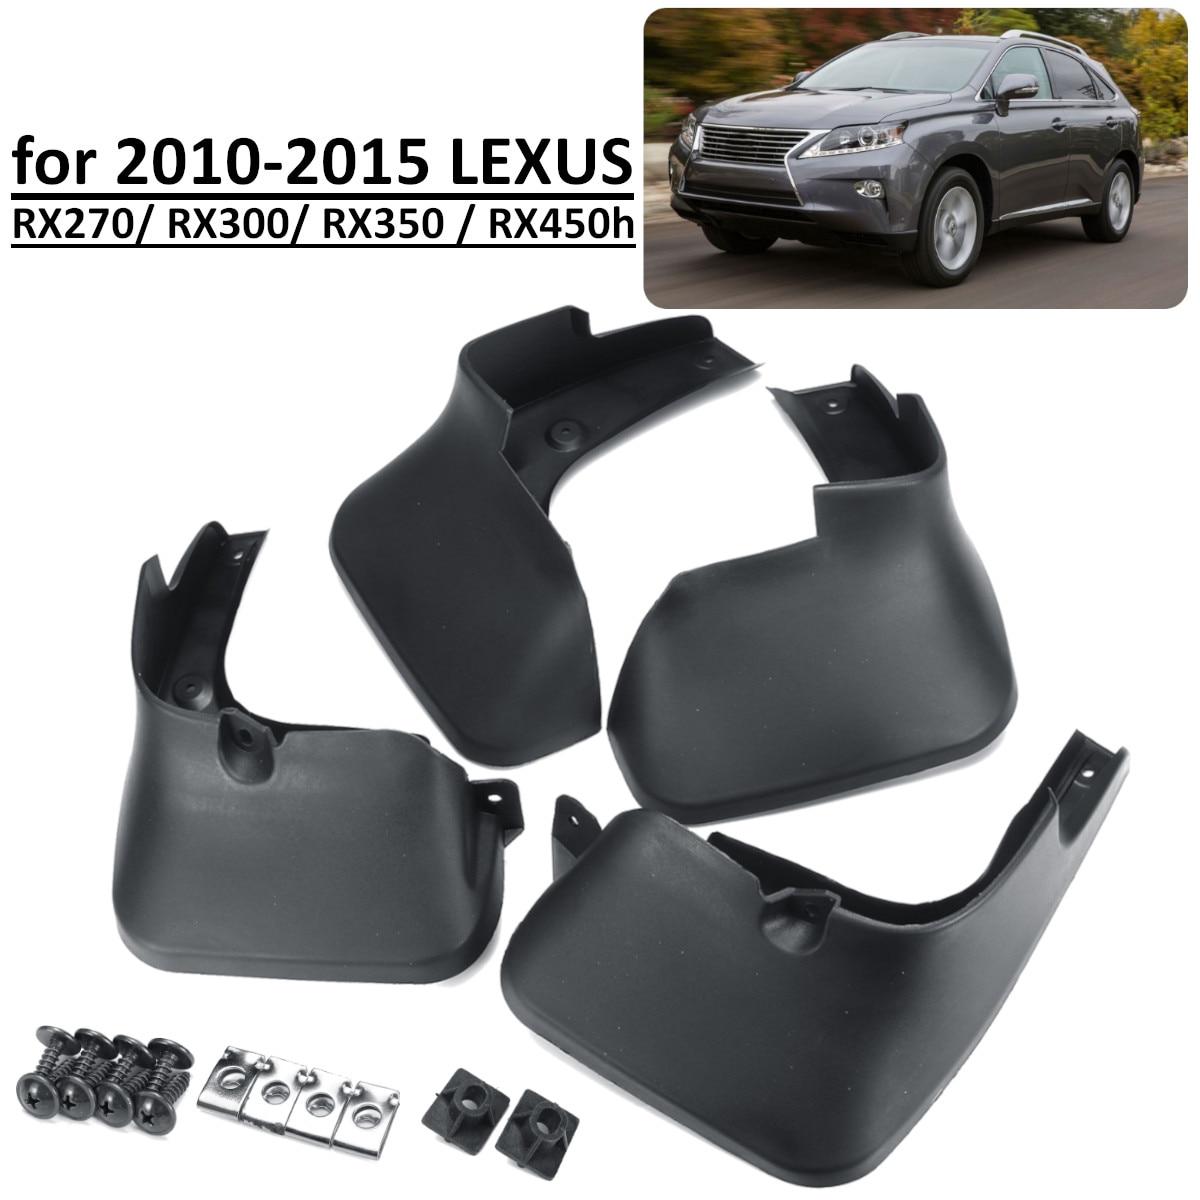 Auto Schlamm Flaps Für LEXUS RX RX270 RX300 RX350 RX450H 2010-2015 Splash Guards Schmutzfänger Kotflügel Zubehör